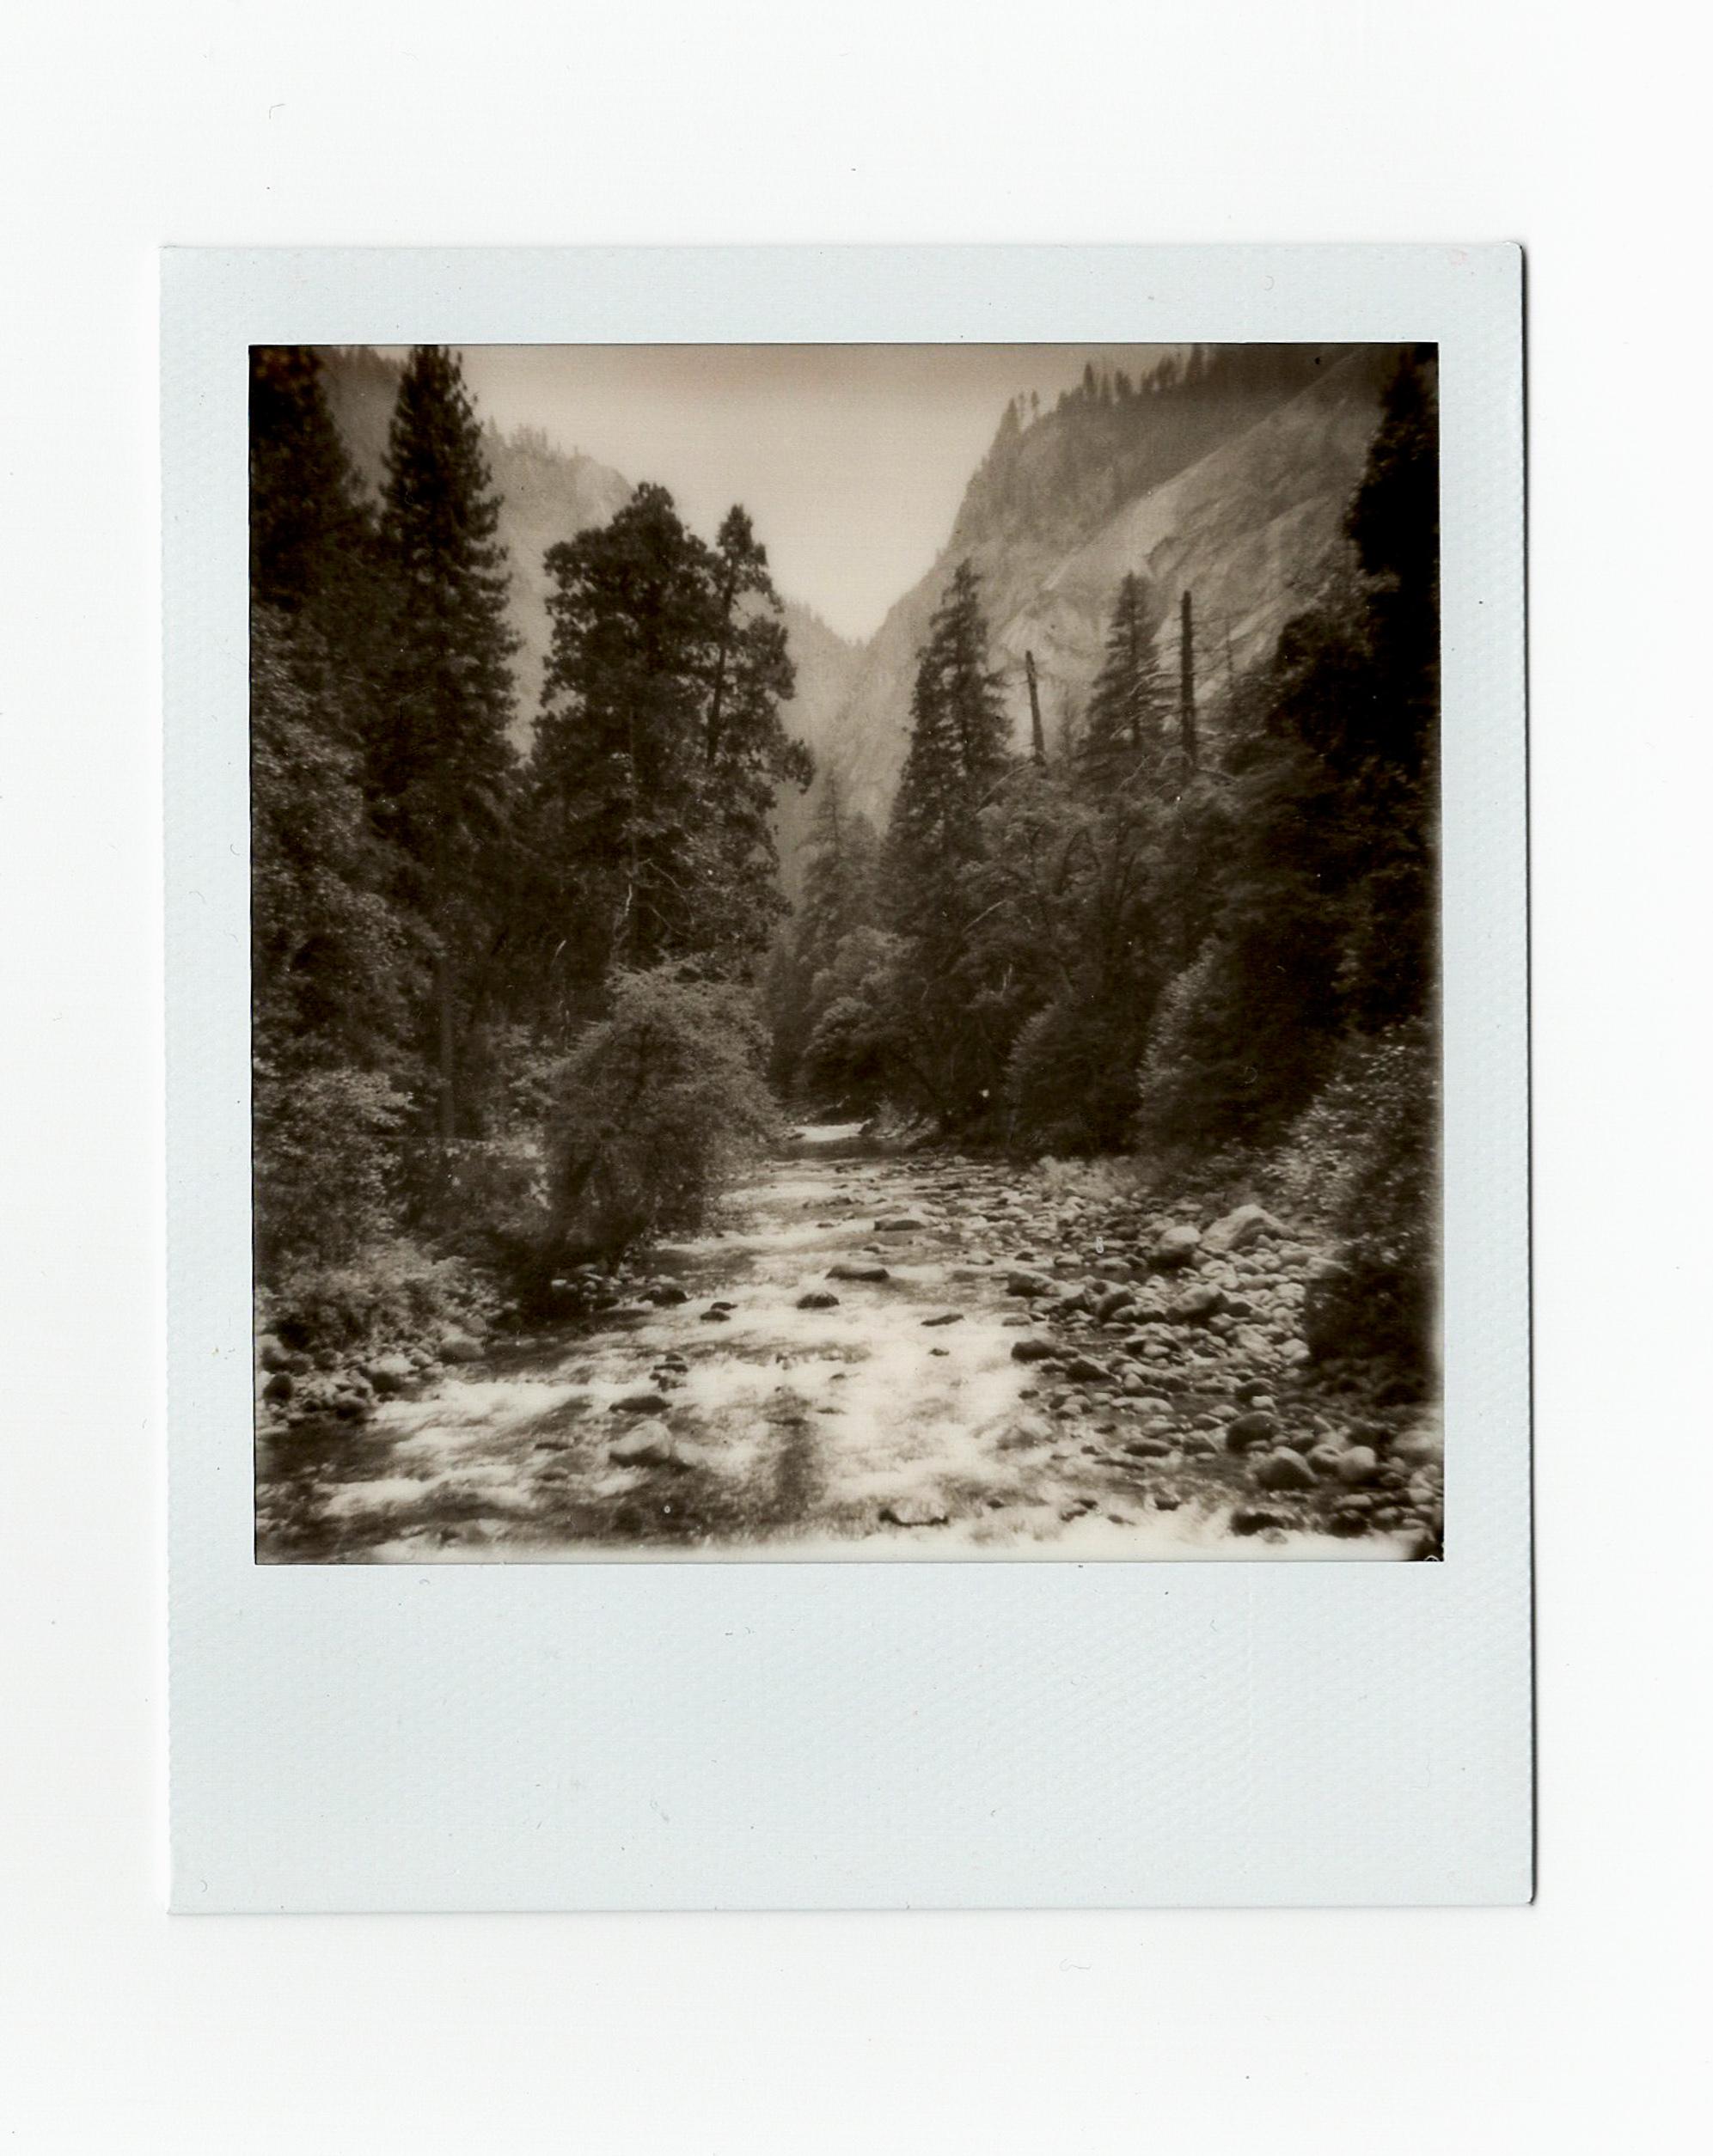 Yosemite17 (6 of 16).jpg